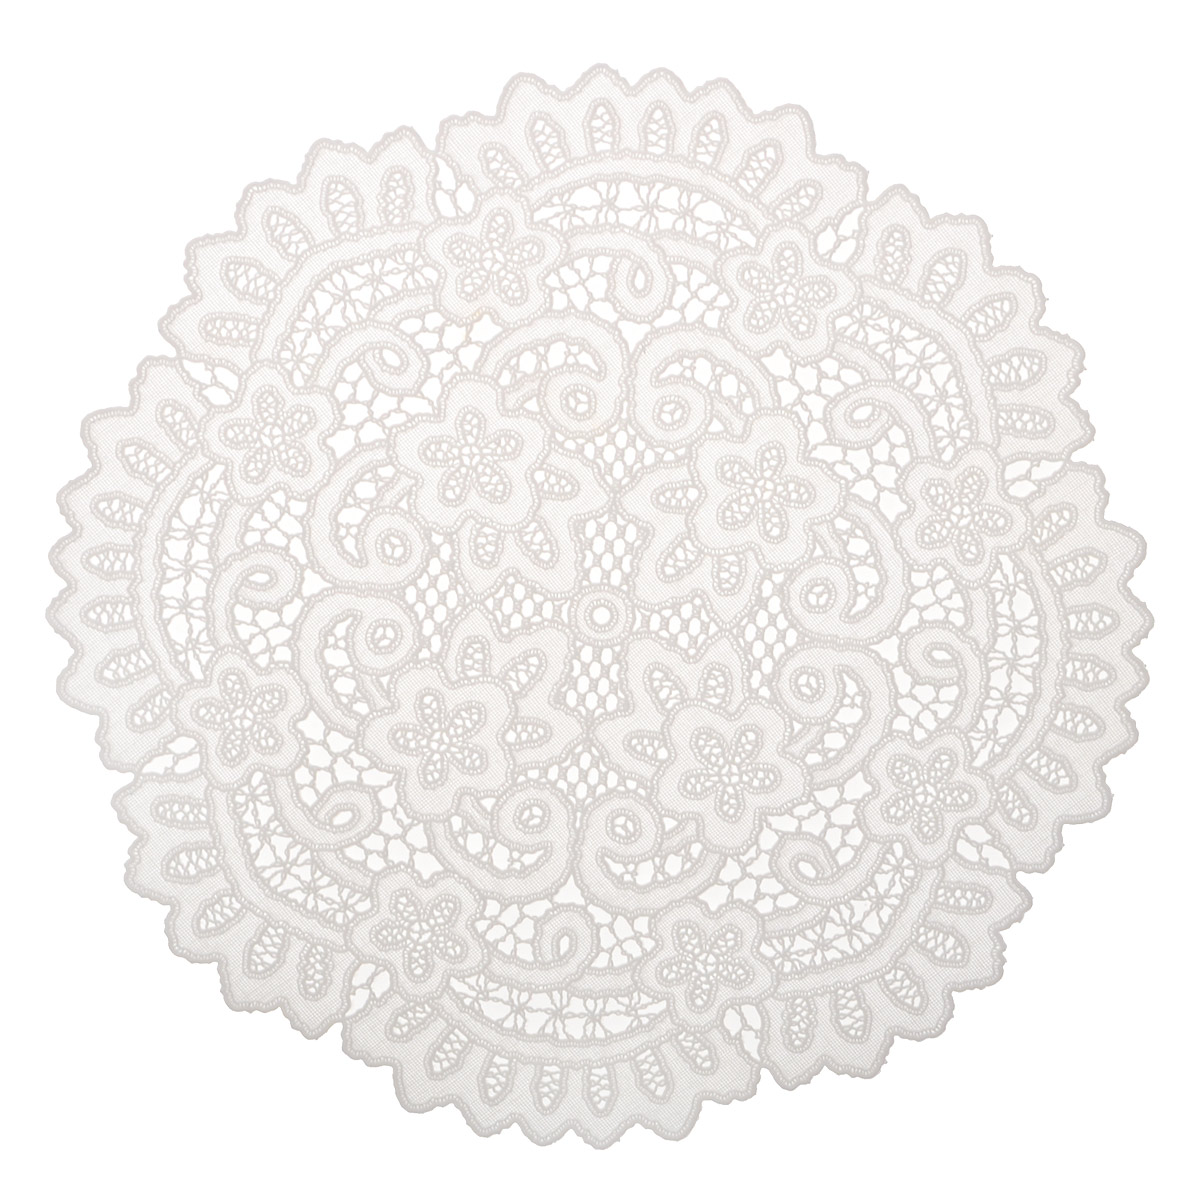 Набор декоративных салфеток Ажурные, 6 шт, диаметр 30 см. 811-1221039.1Салфетки Ажурные выполнены из винила и имитируют кружевной узор. Преимущества данных салфеток состоят в том, что они достаточно легко оттираются от загрязнений, не нуждаются в глажке и при этом всегда украшают стол своим внешним видом. Диаметр салфетки: 30 см.